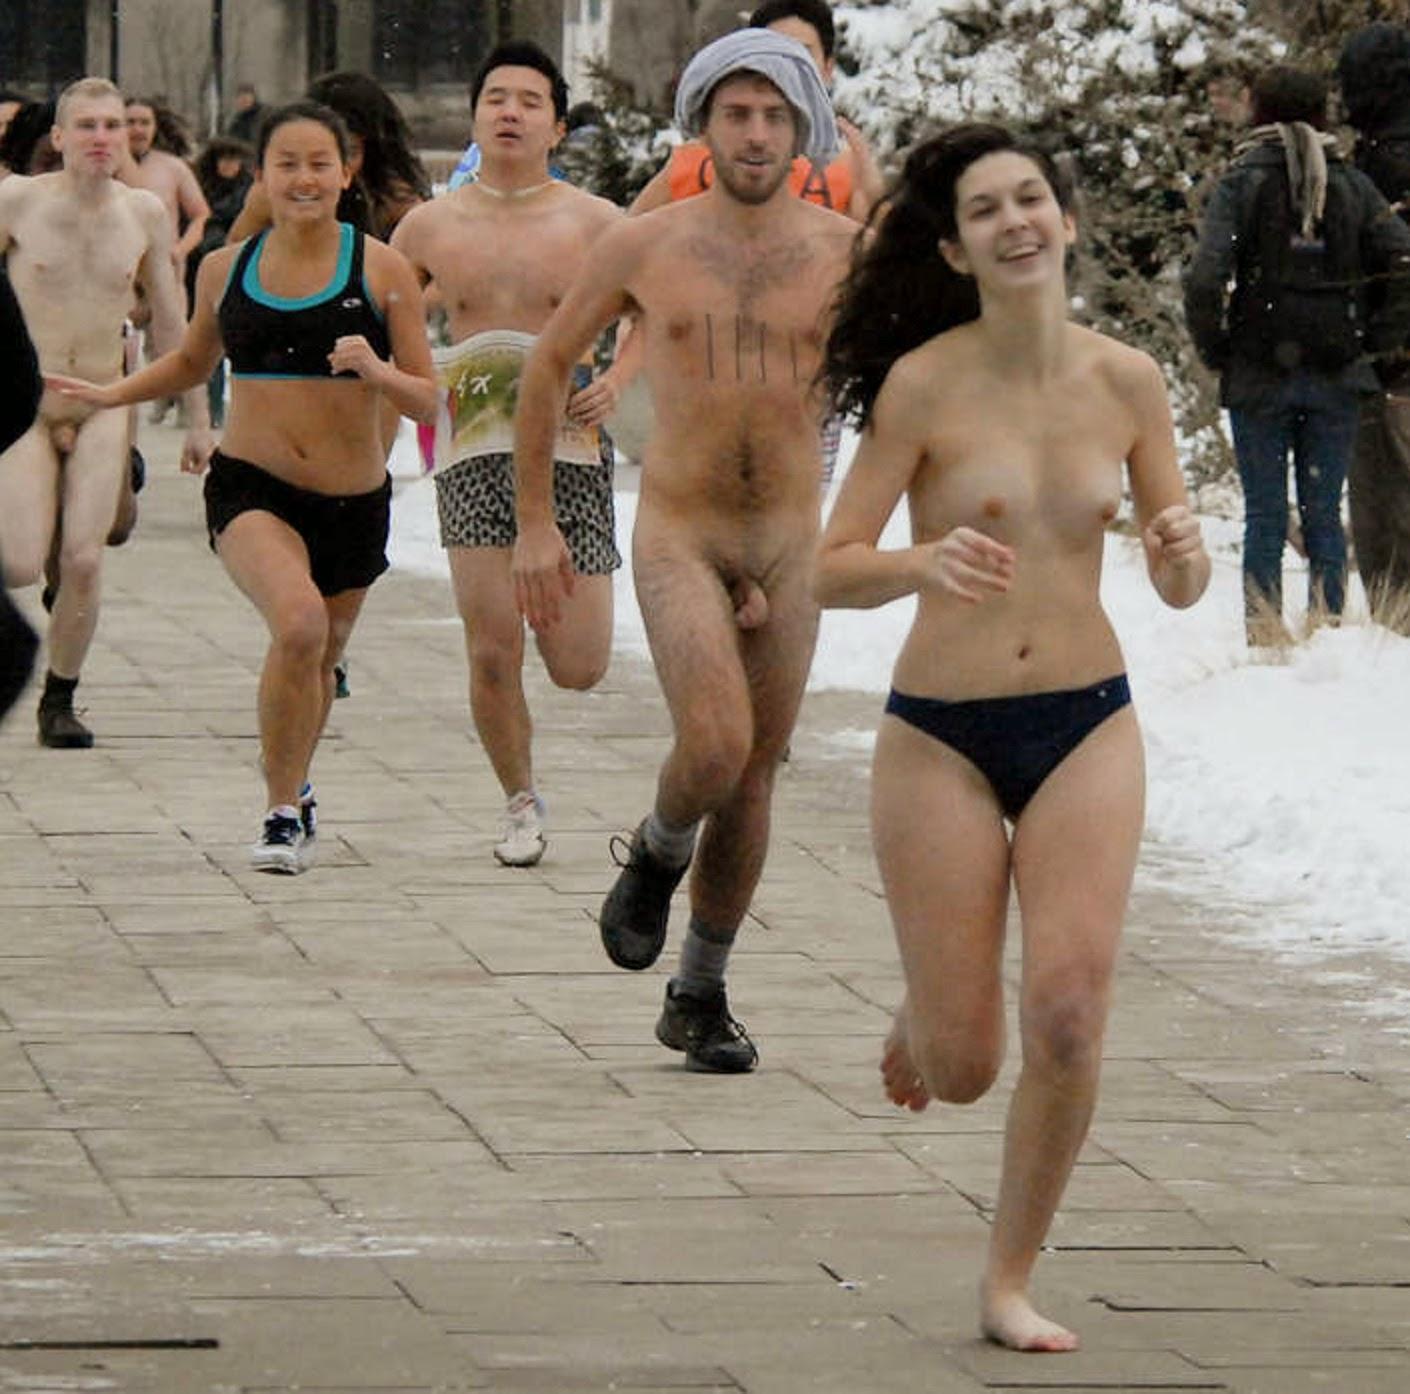 Fhm girls porn naked